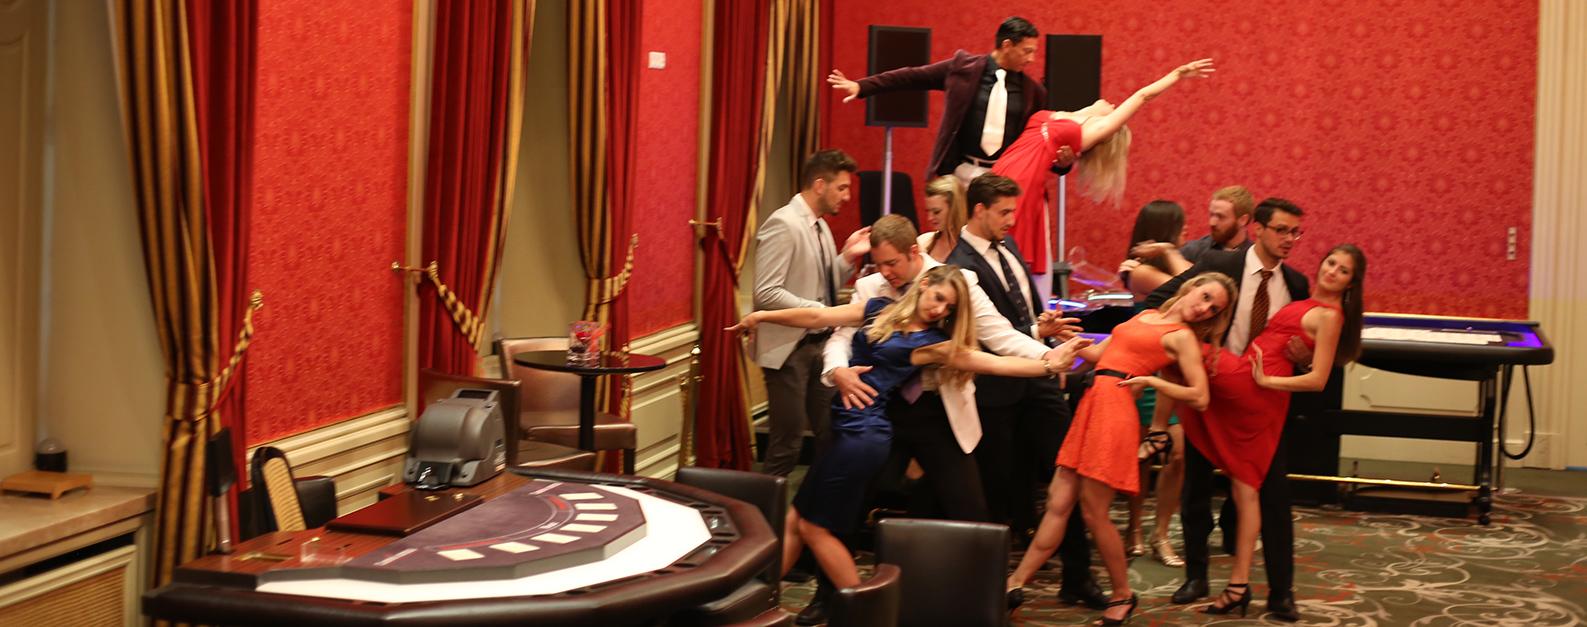 Casino Salzburg Kleiderordnung